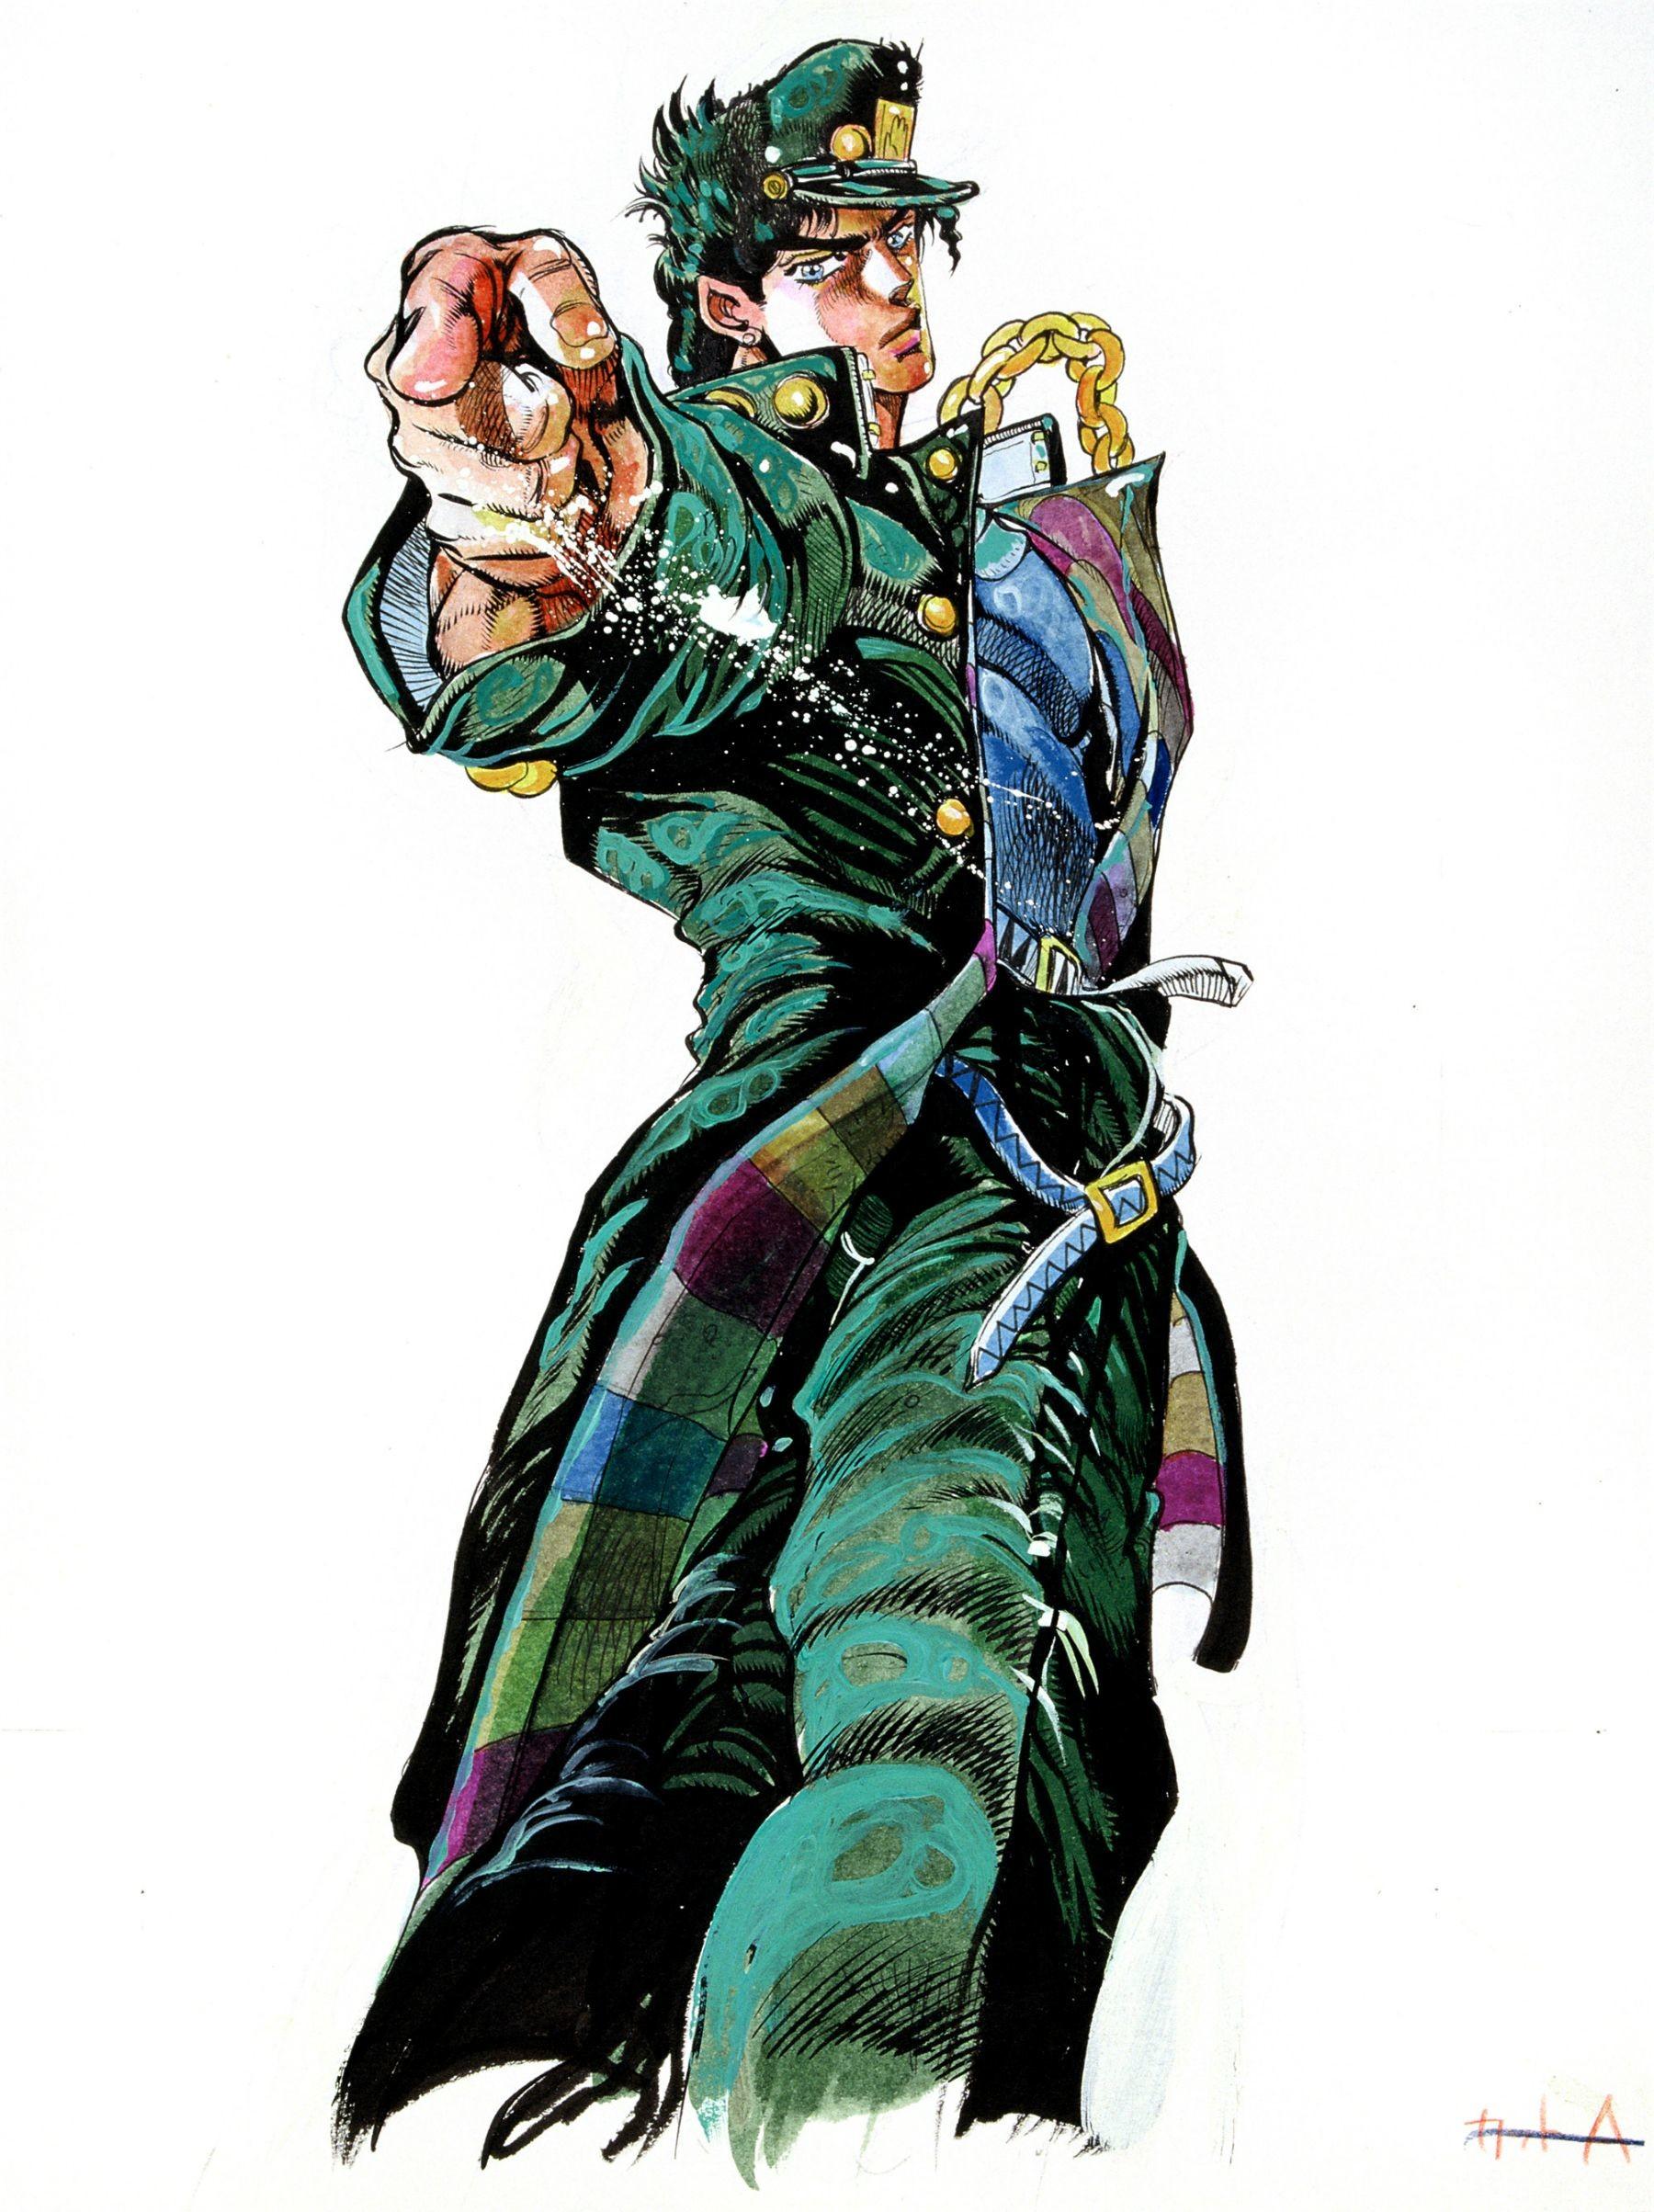 Jotaro Kujo – Jojo's Bizarre Adventure : Stardust Crusaders